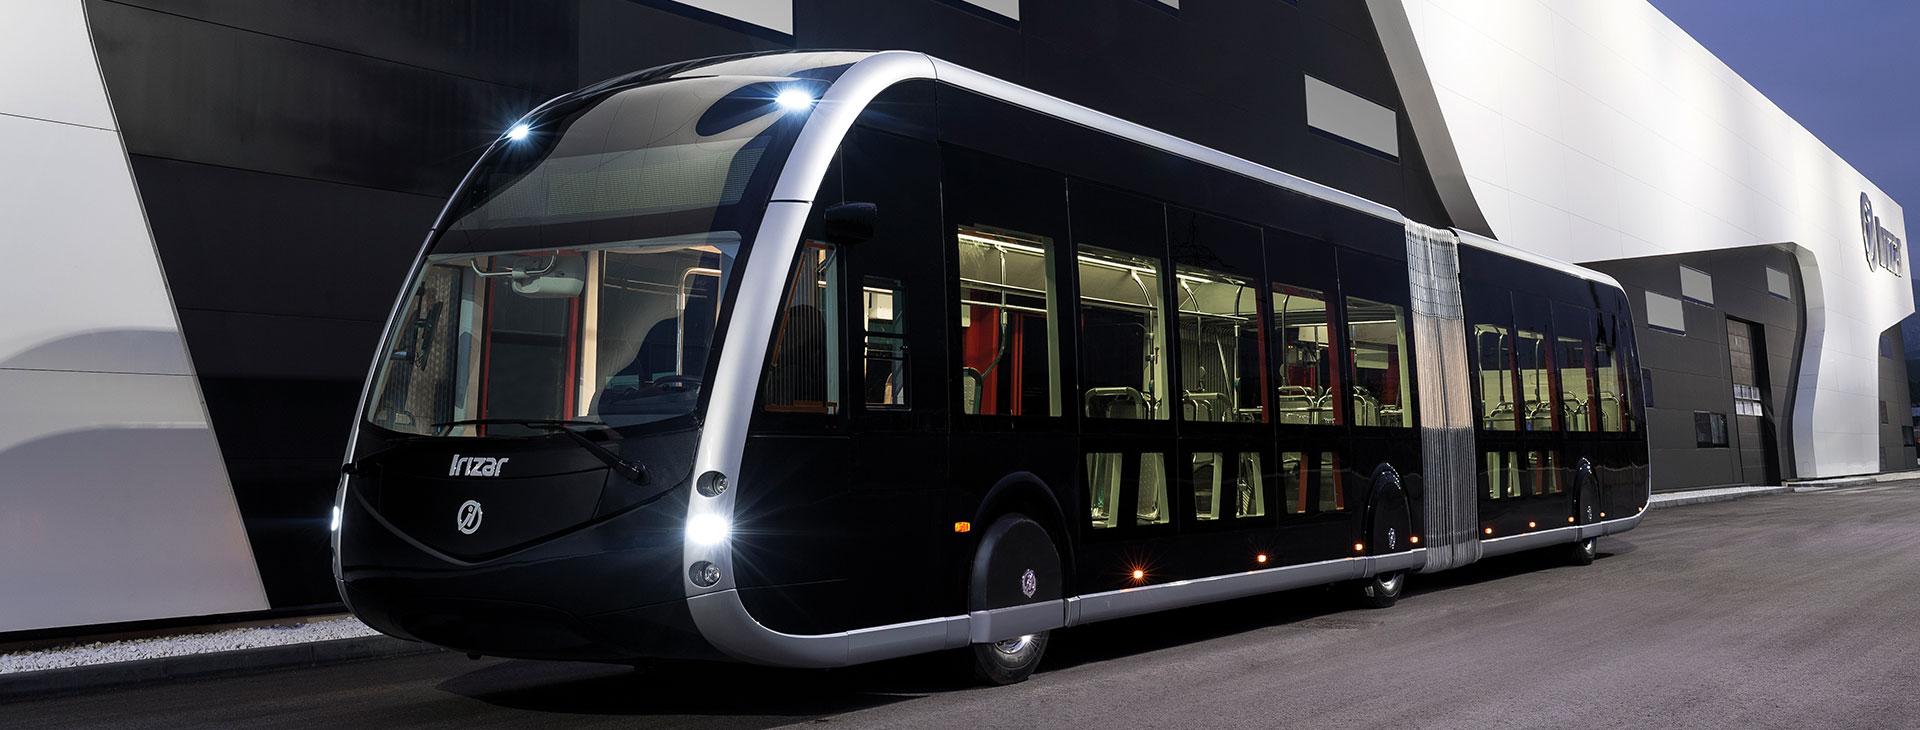 Irizar ie tram zero igorpeneko autobus artikulatu % 100 elektrikoak Espainiako 2018ko Urteko Autobusa saria eta Urteko Ibilgailu Industrial Ekologikoa saria eskuratu ditu.